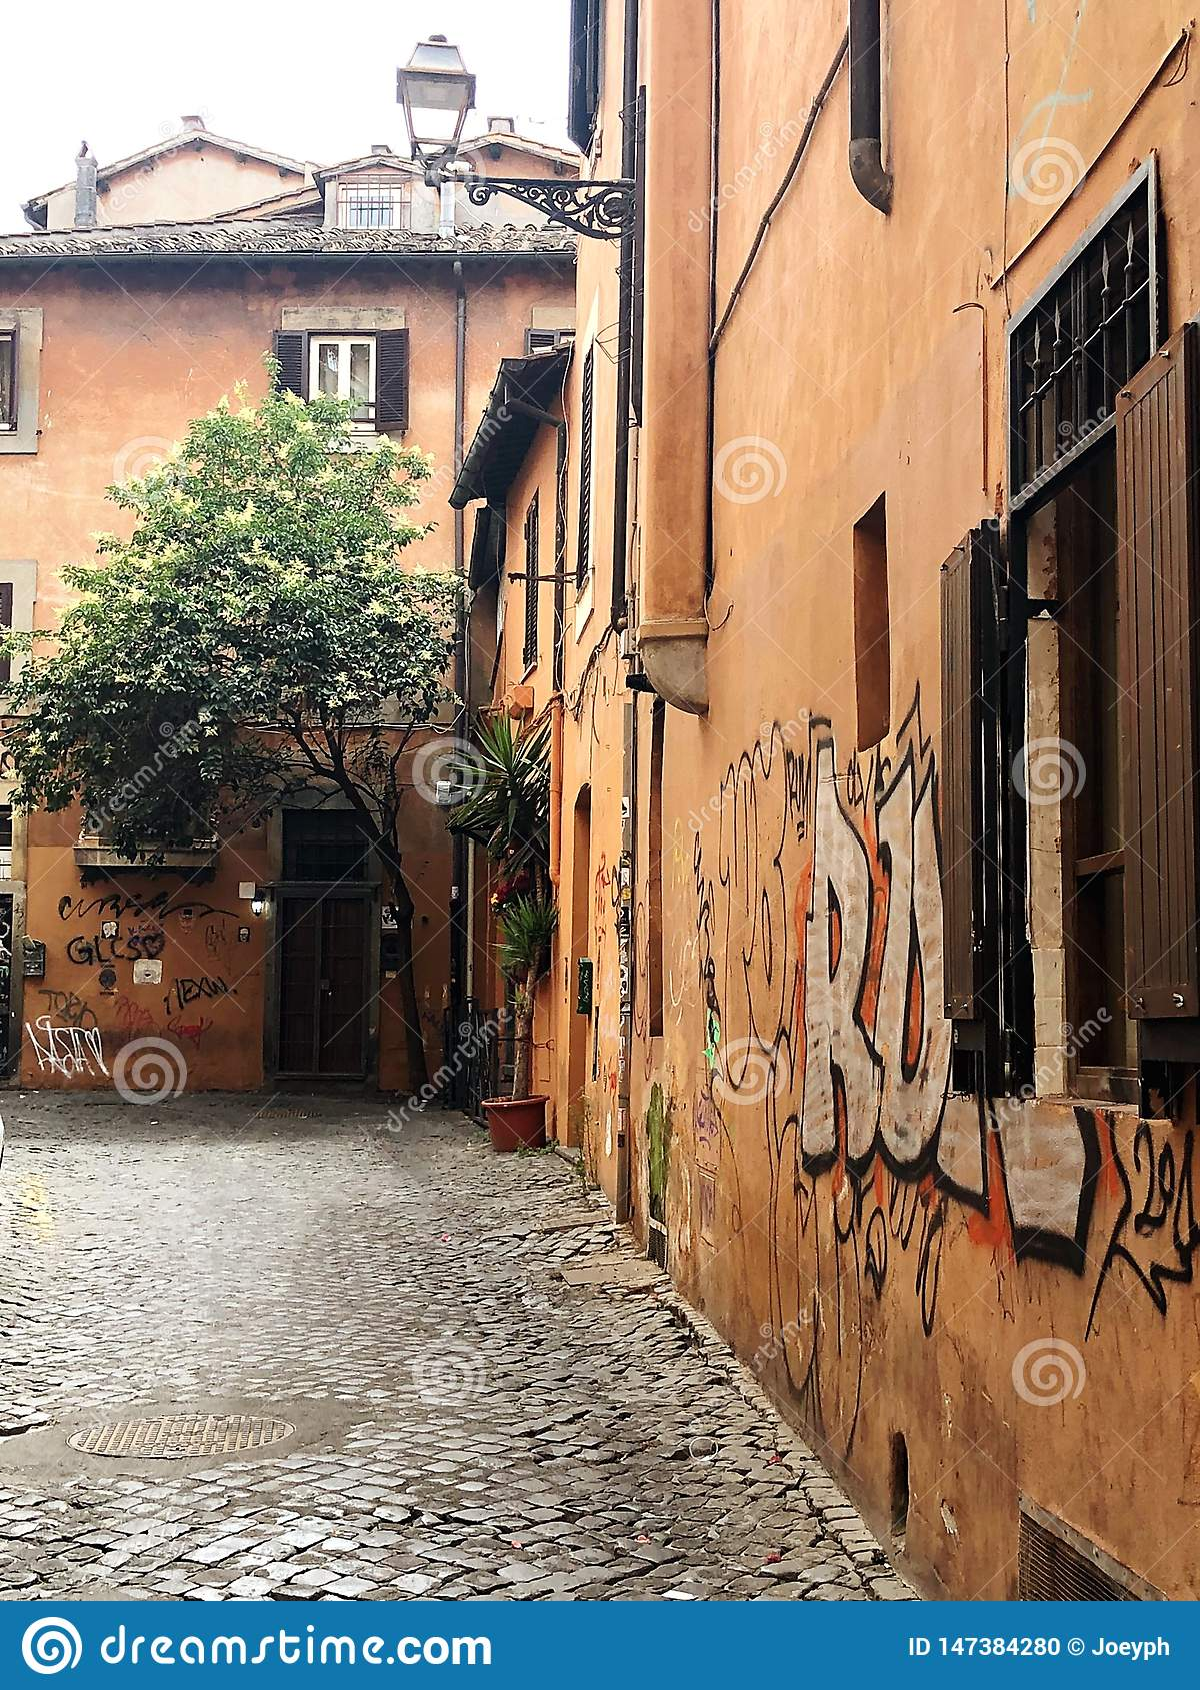 Cityscape Rome